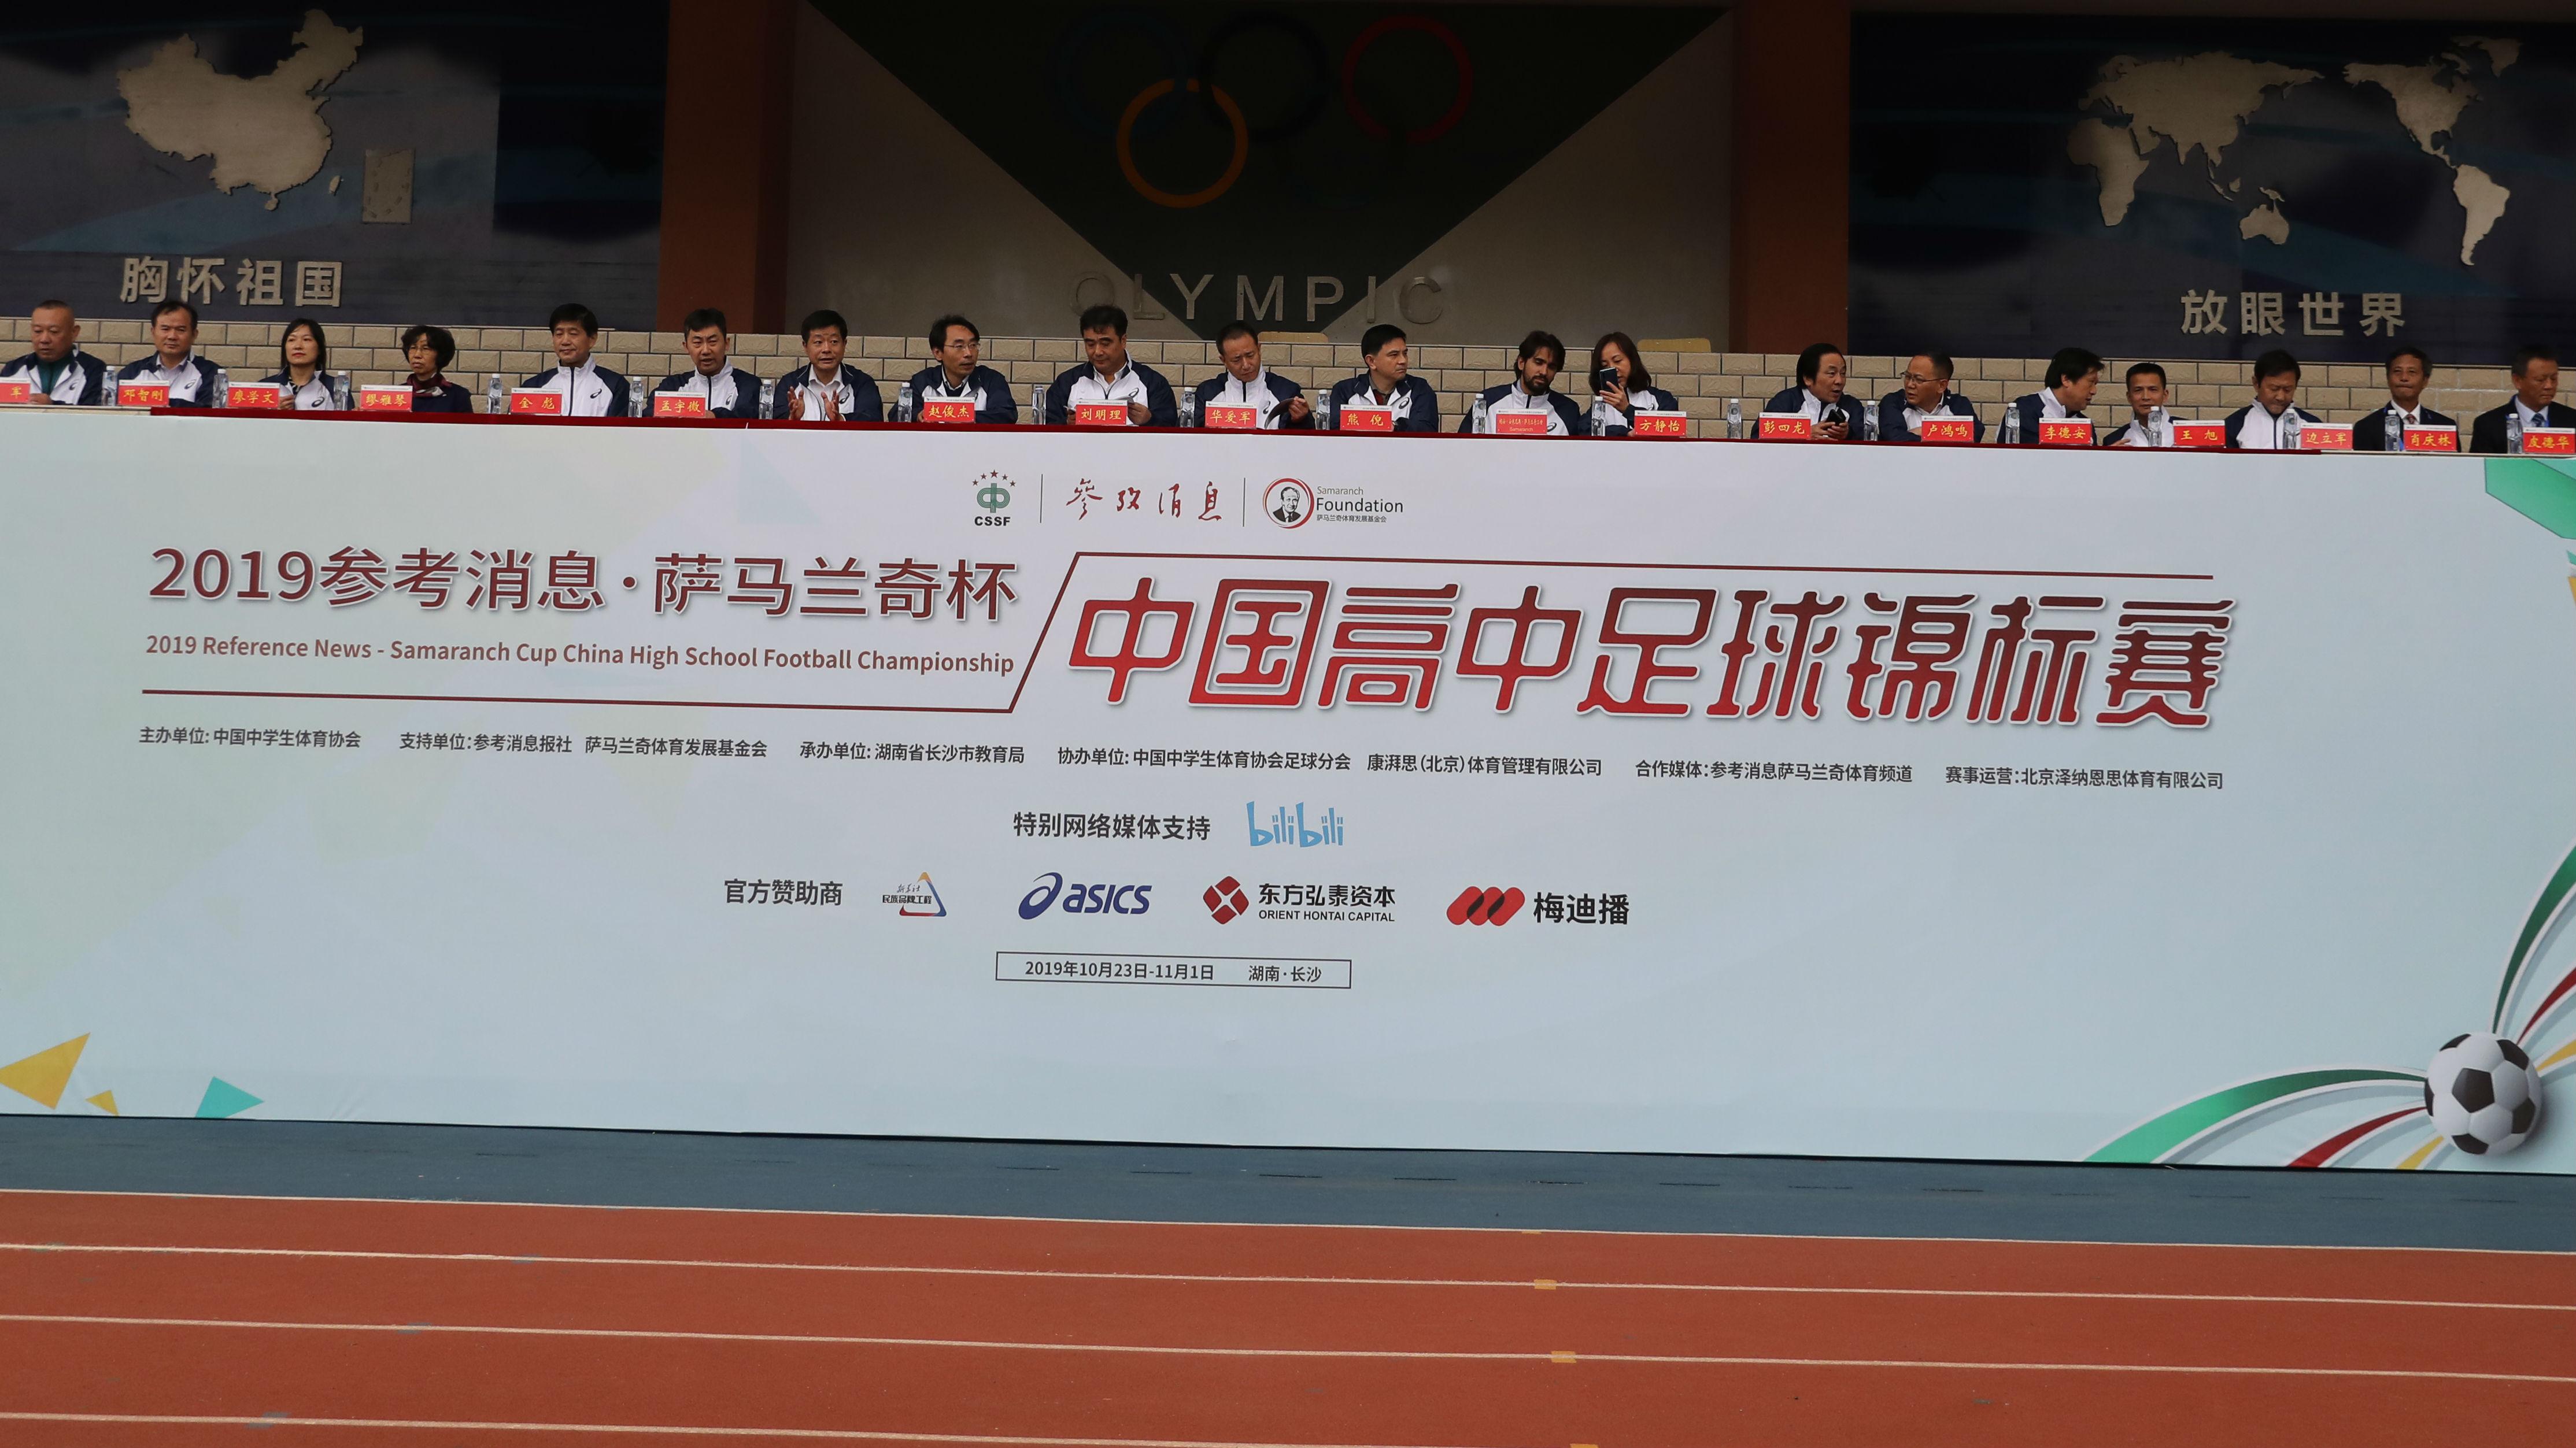 百人牛牛·萨马兰奇杯2019中国高中足球锦标赛开幕